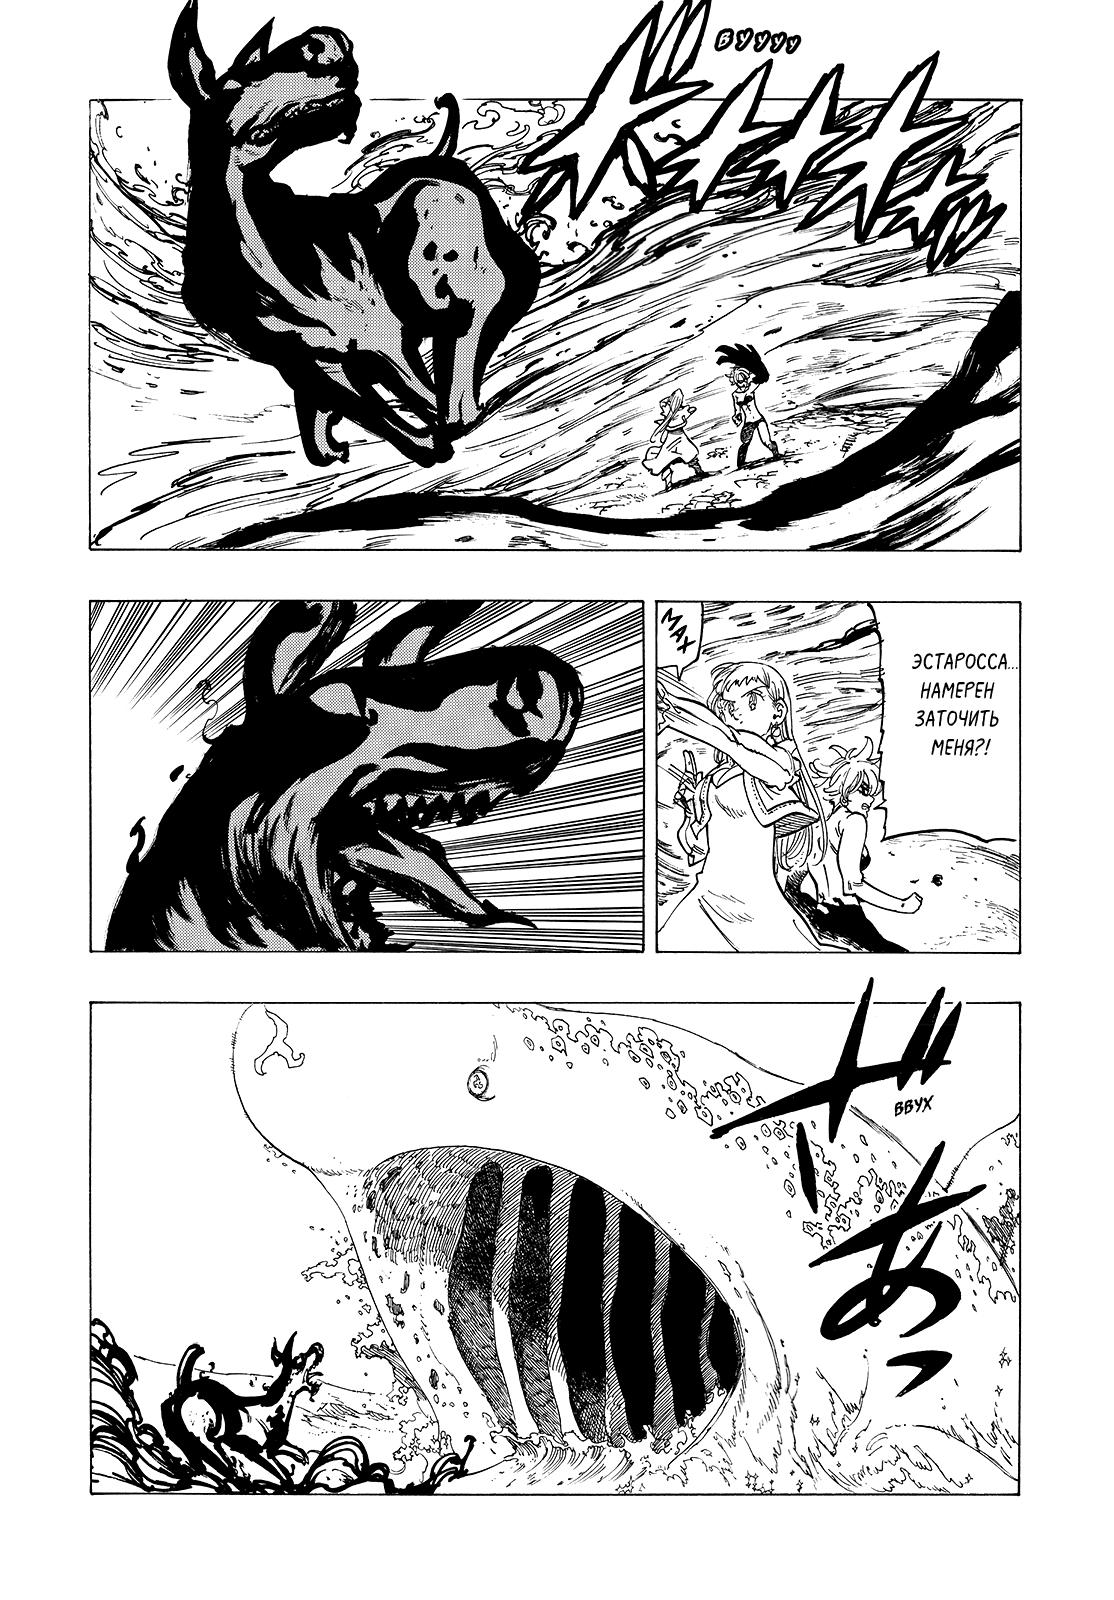 https://r1.ninemanga.com/comics/pic2/29/22109/419608/1534421314376.png Page 4